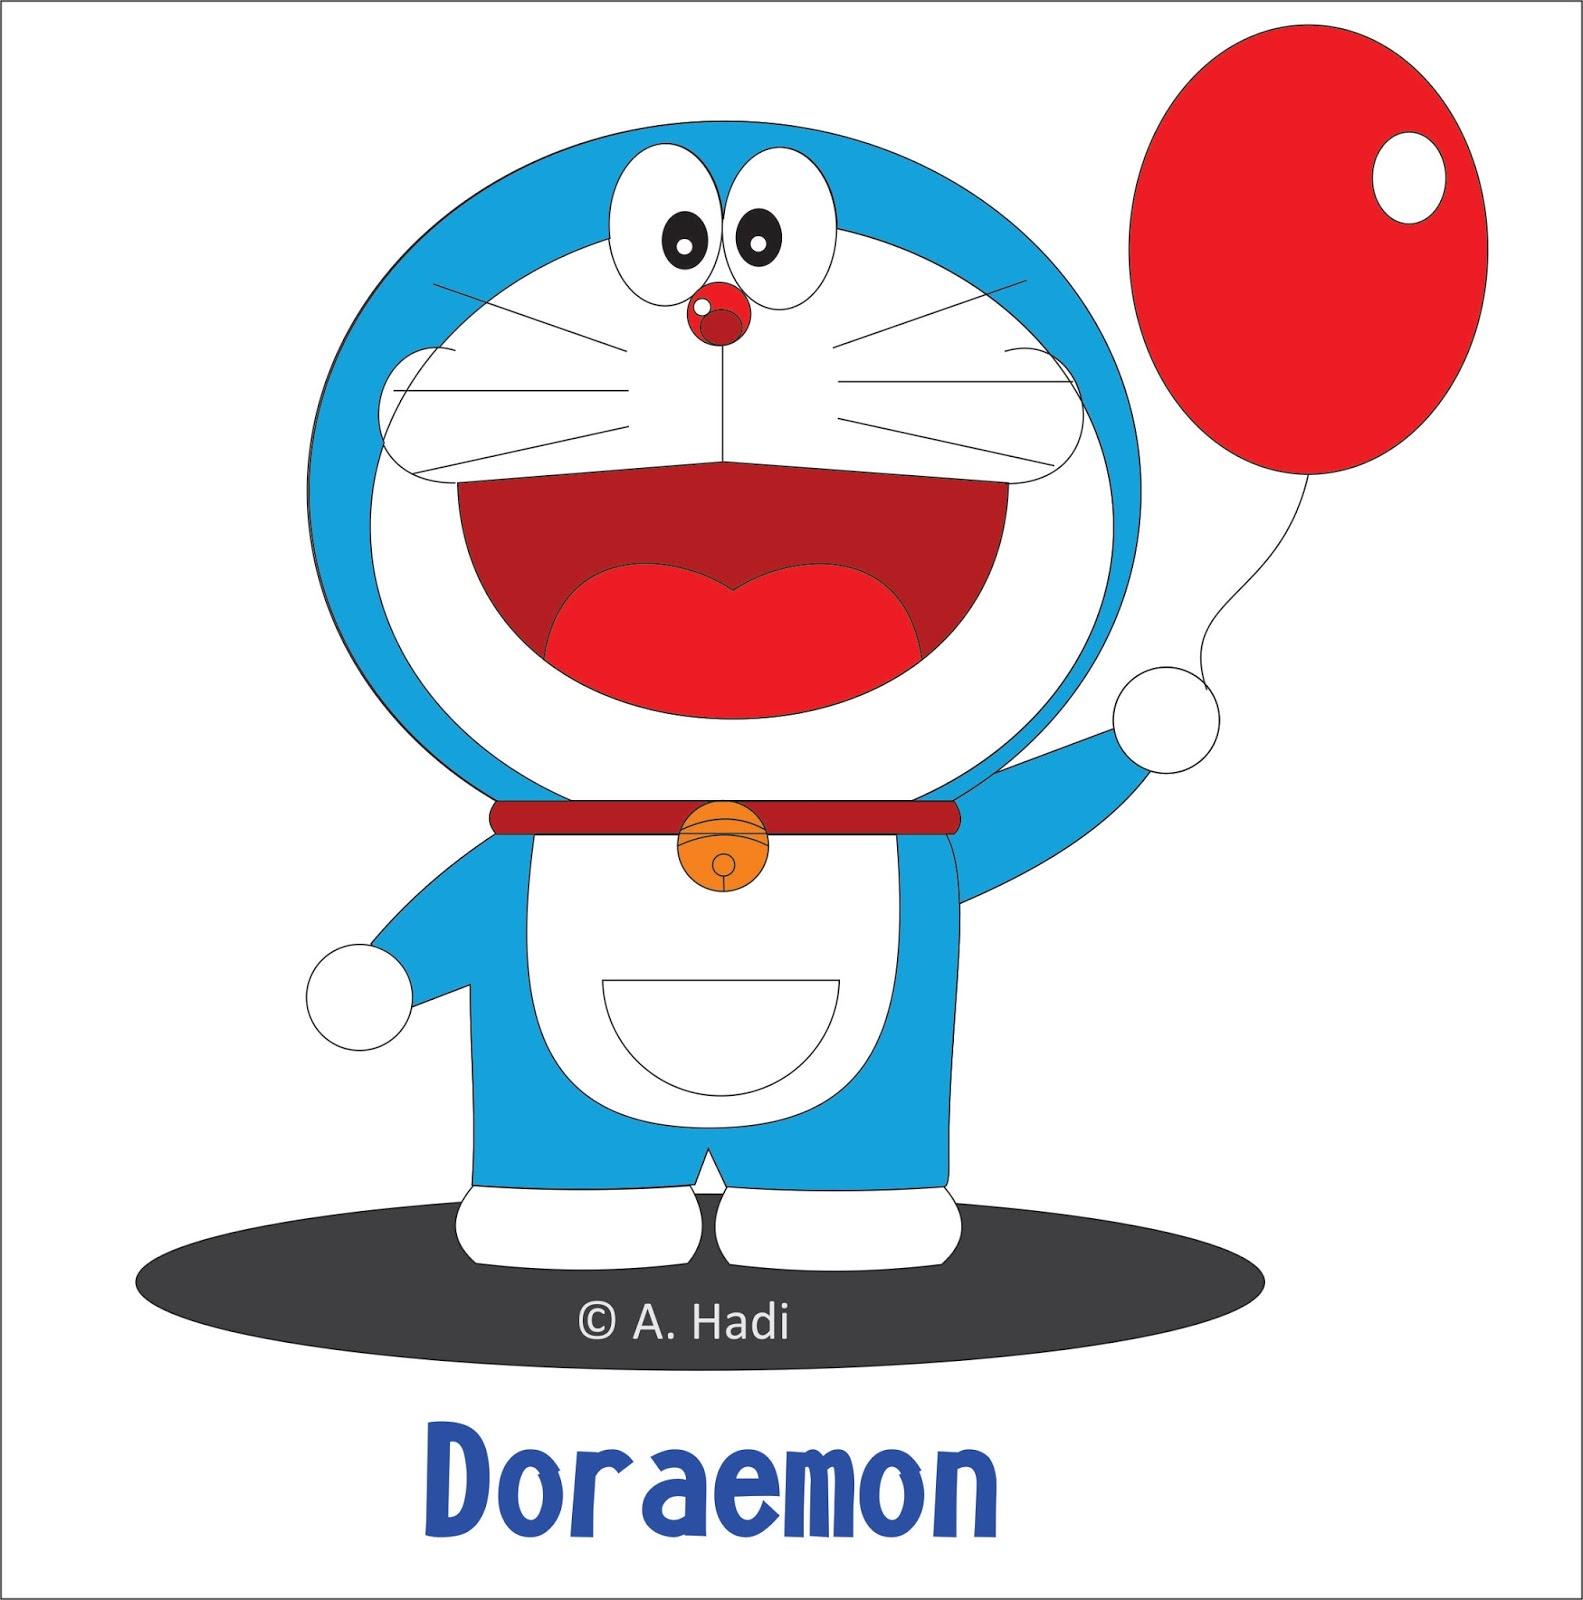 1.doraemon artwork